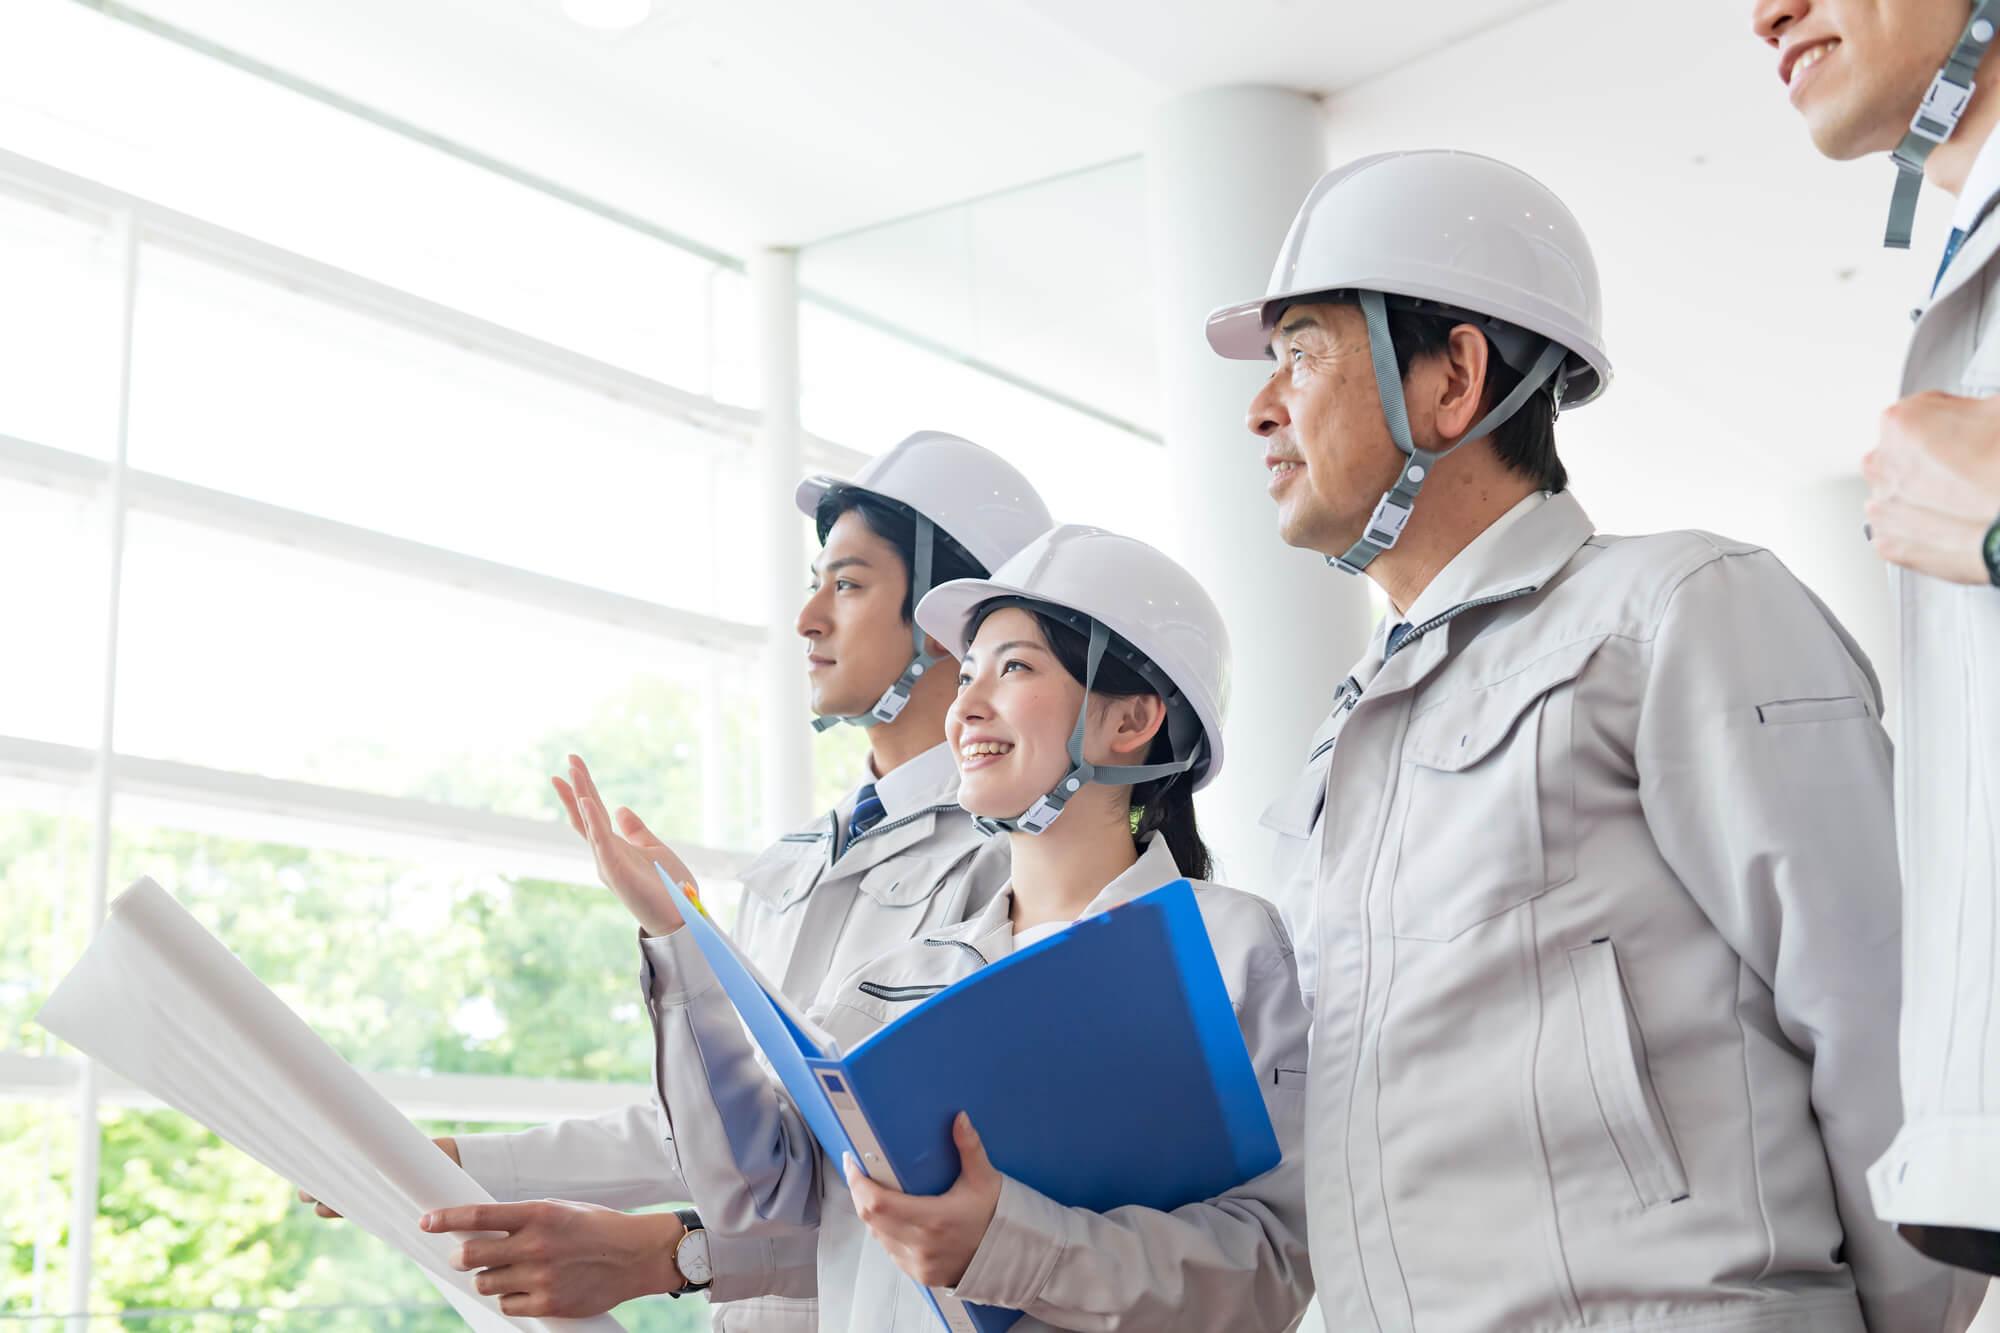 2級建築士の製図試験に合格できる勉強法